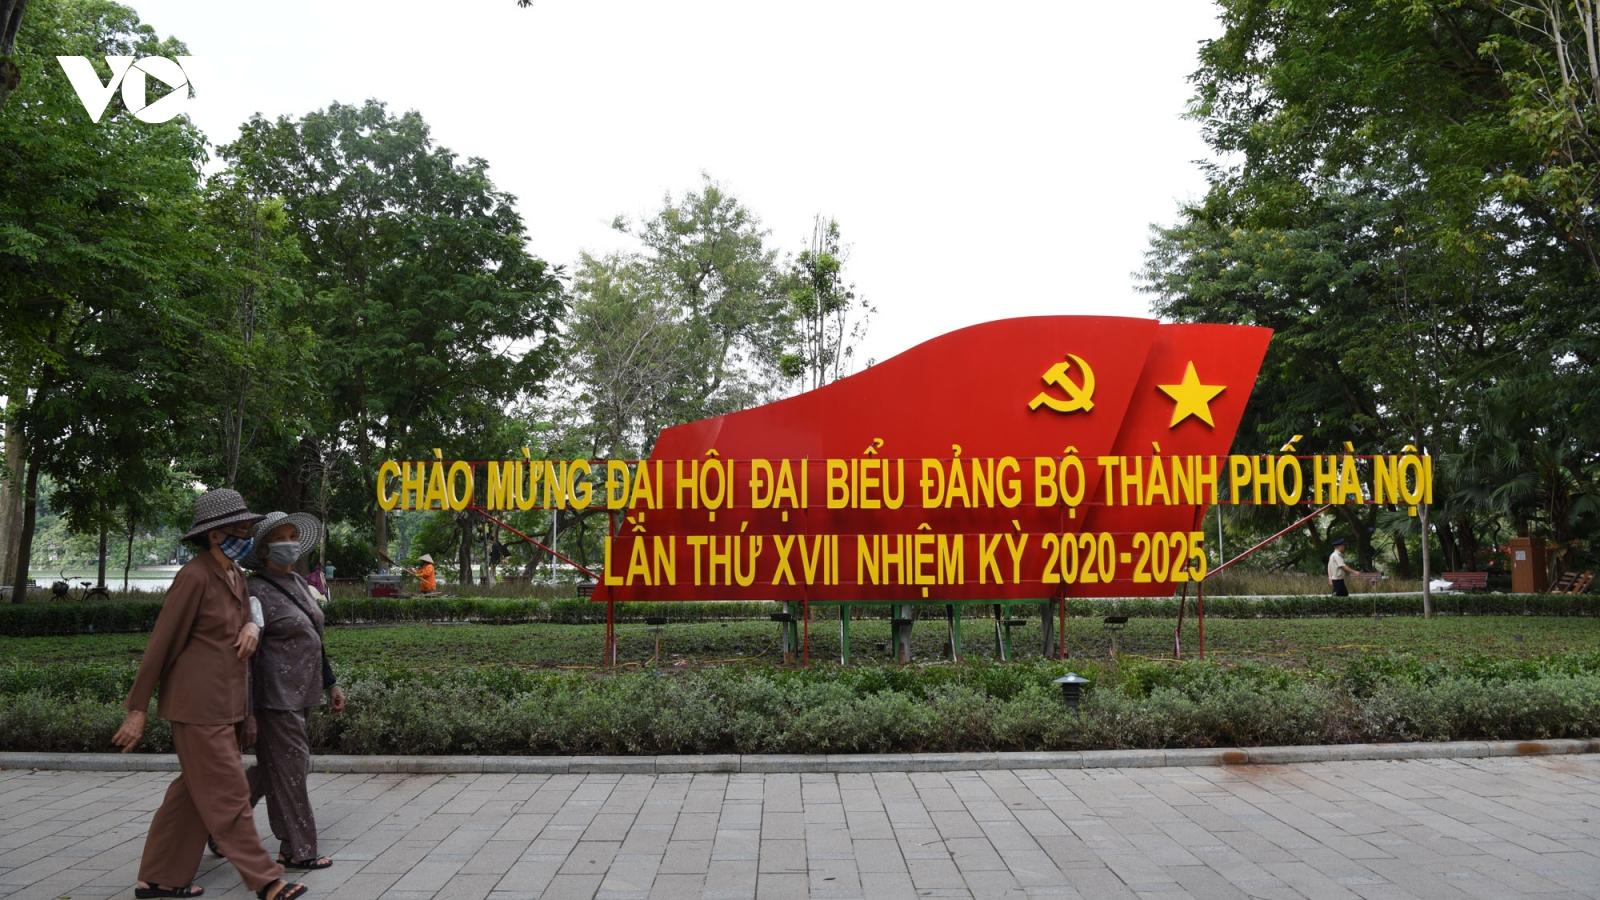 Đường phố Hà Nội rực rỡ cờ hoa trước thềm Đại hội Đảng bộ thành phố lần thứ XVII